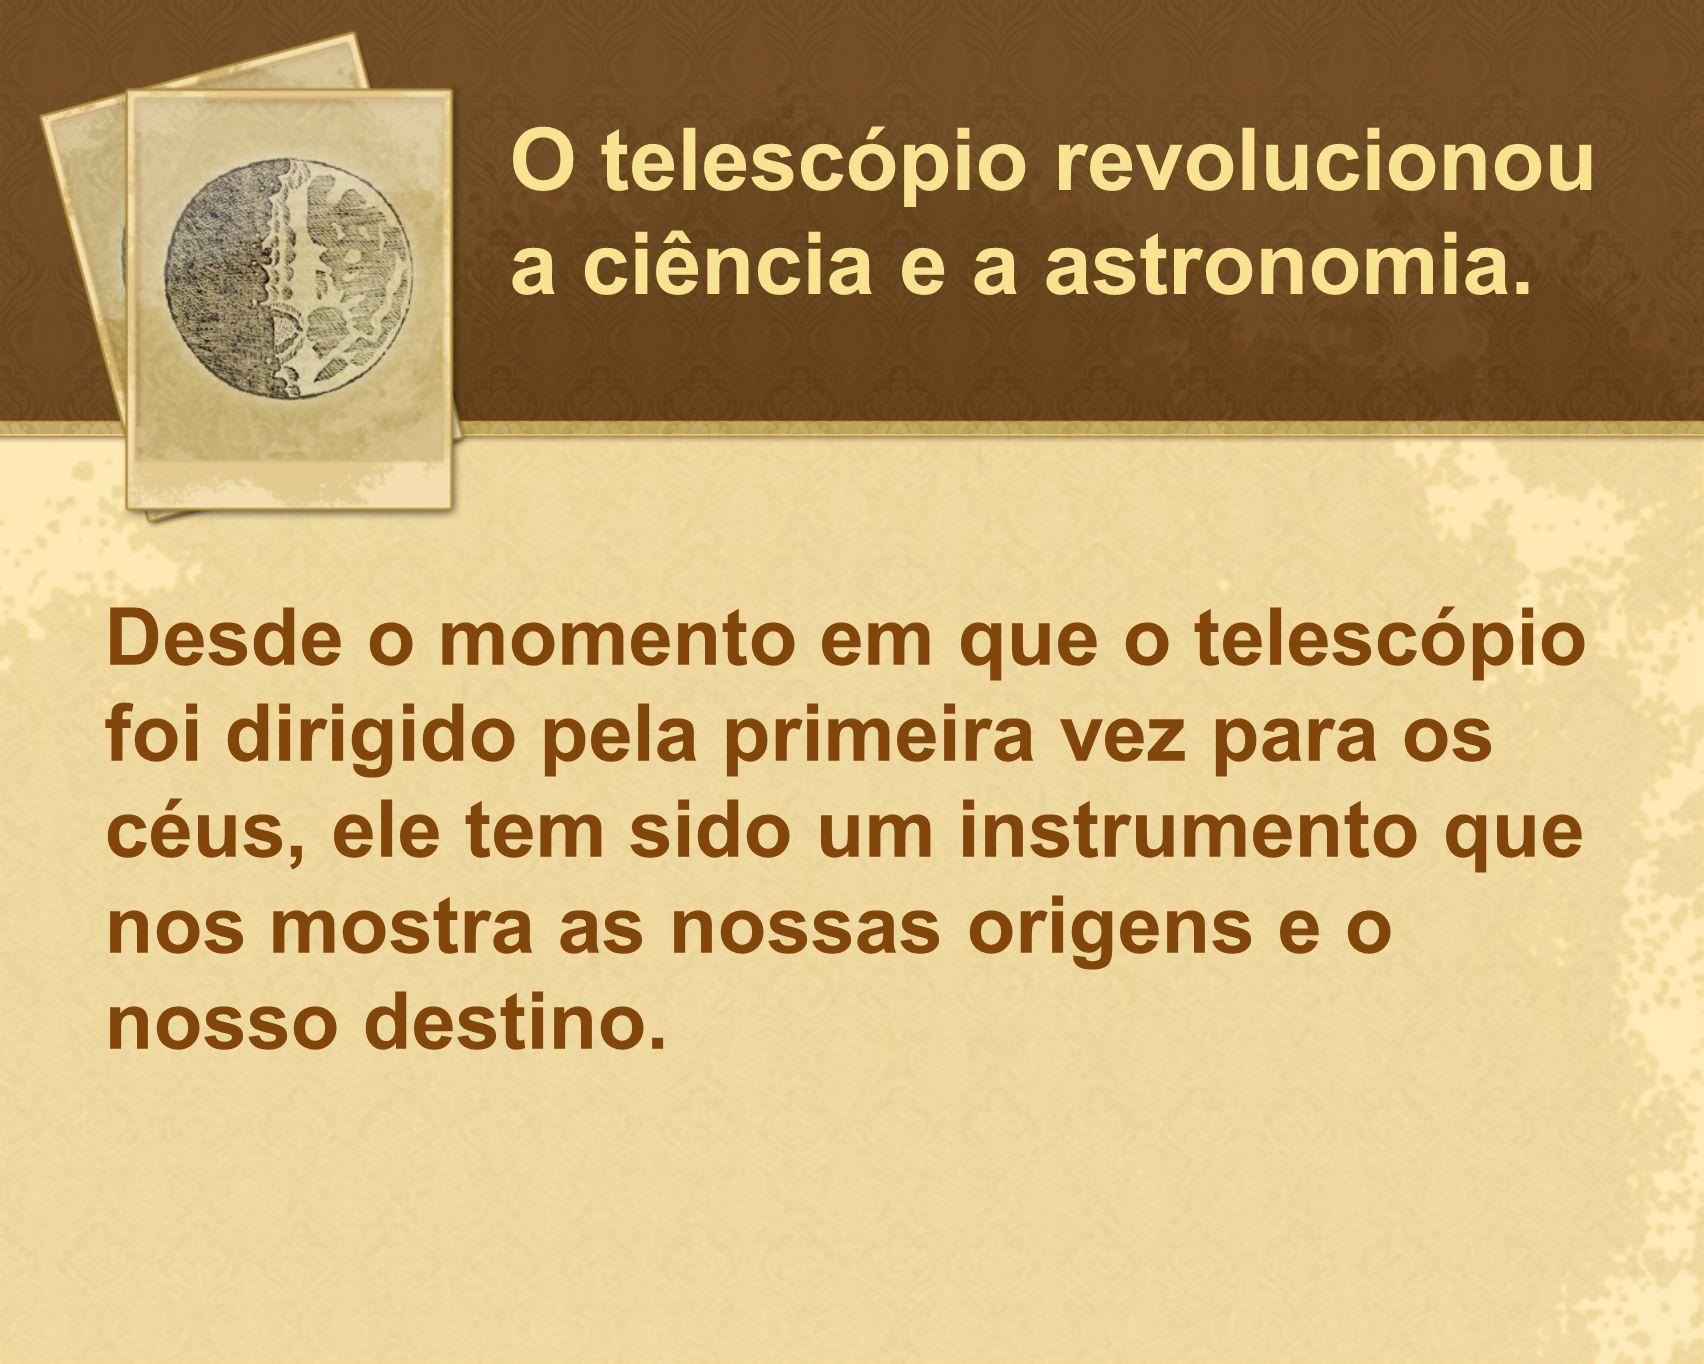 Cronologia do nascimento do telescópio 1609 Galileu demonstra seu primeiro telescópio em Veneza.